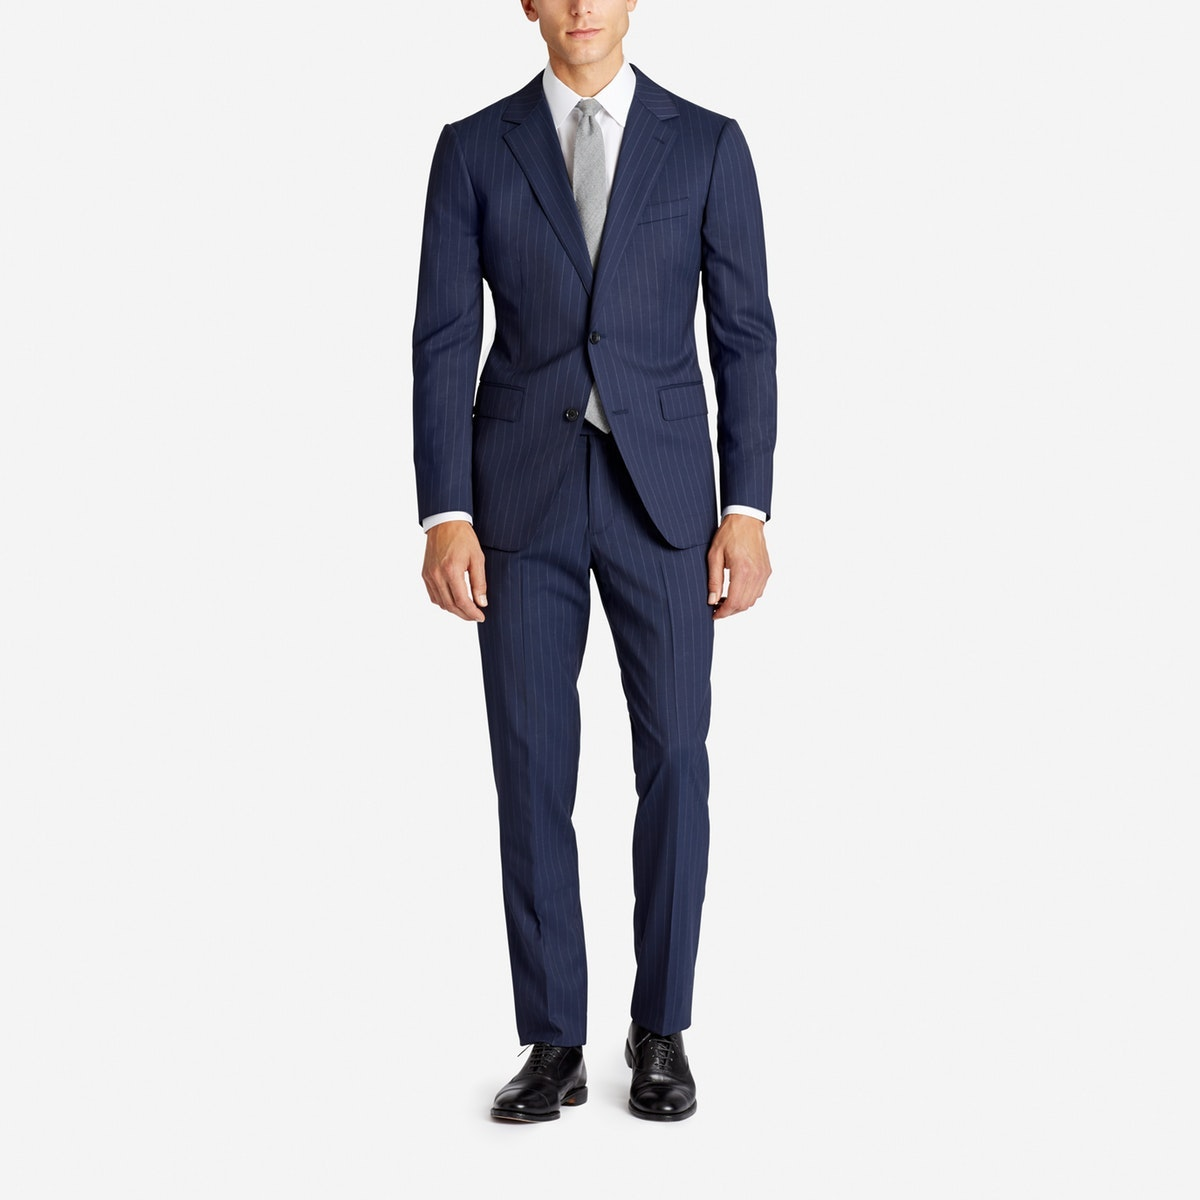 Jetsetter Stretch Italian Wool Suit